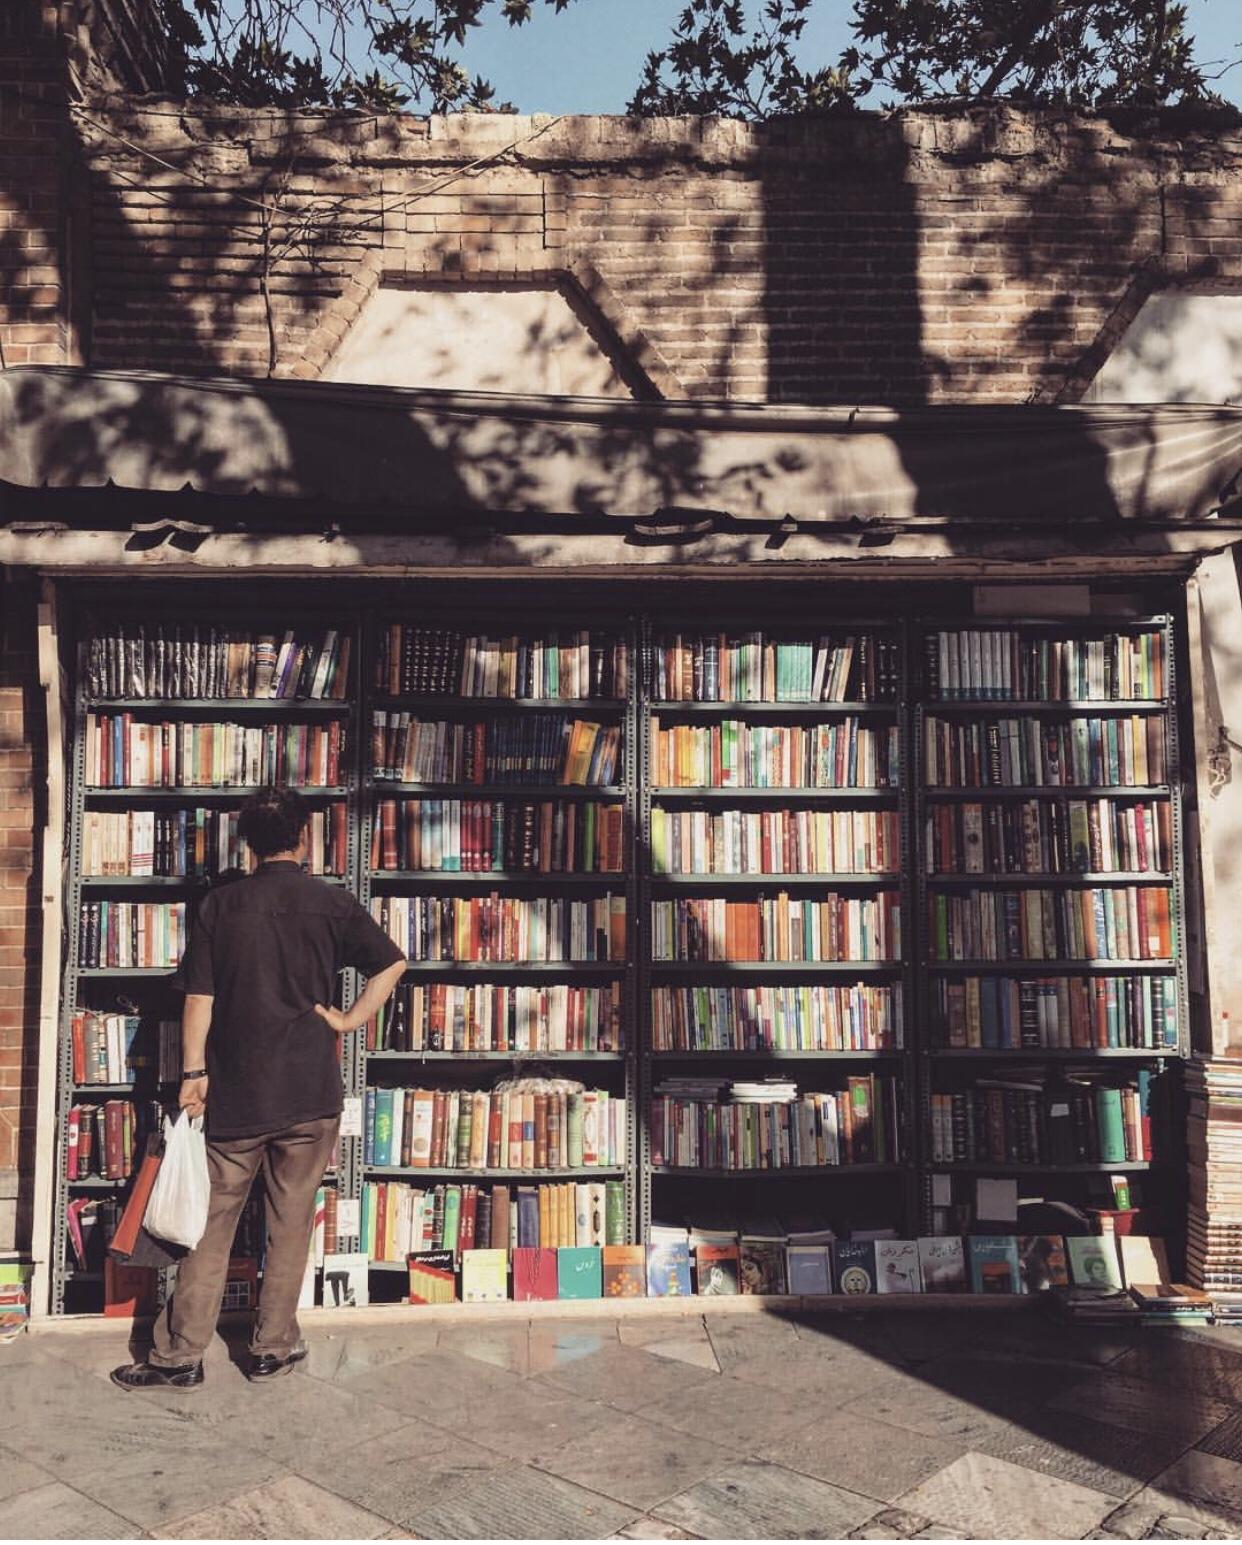 عدسة إيرانية: مكتبة مجانية أمام محطة مترو عمر الخيام جنوبي طهران 1